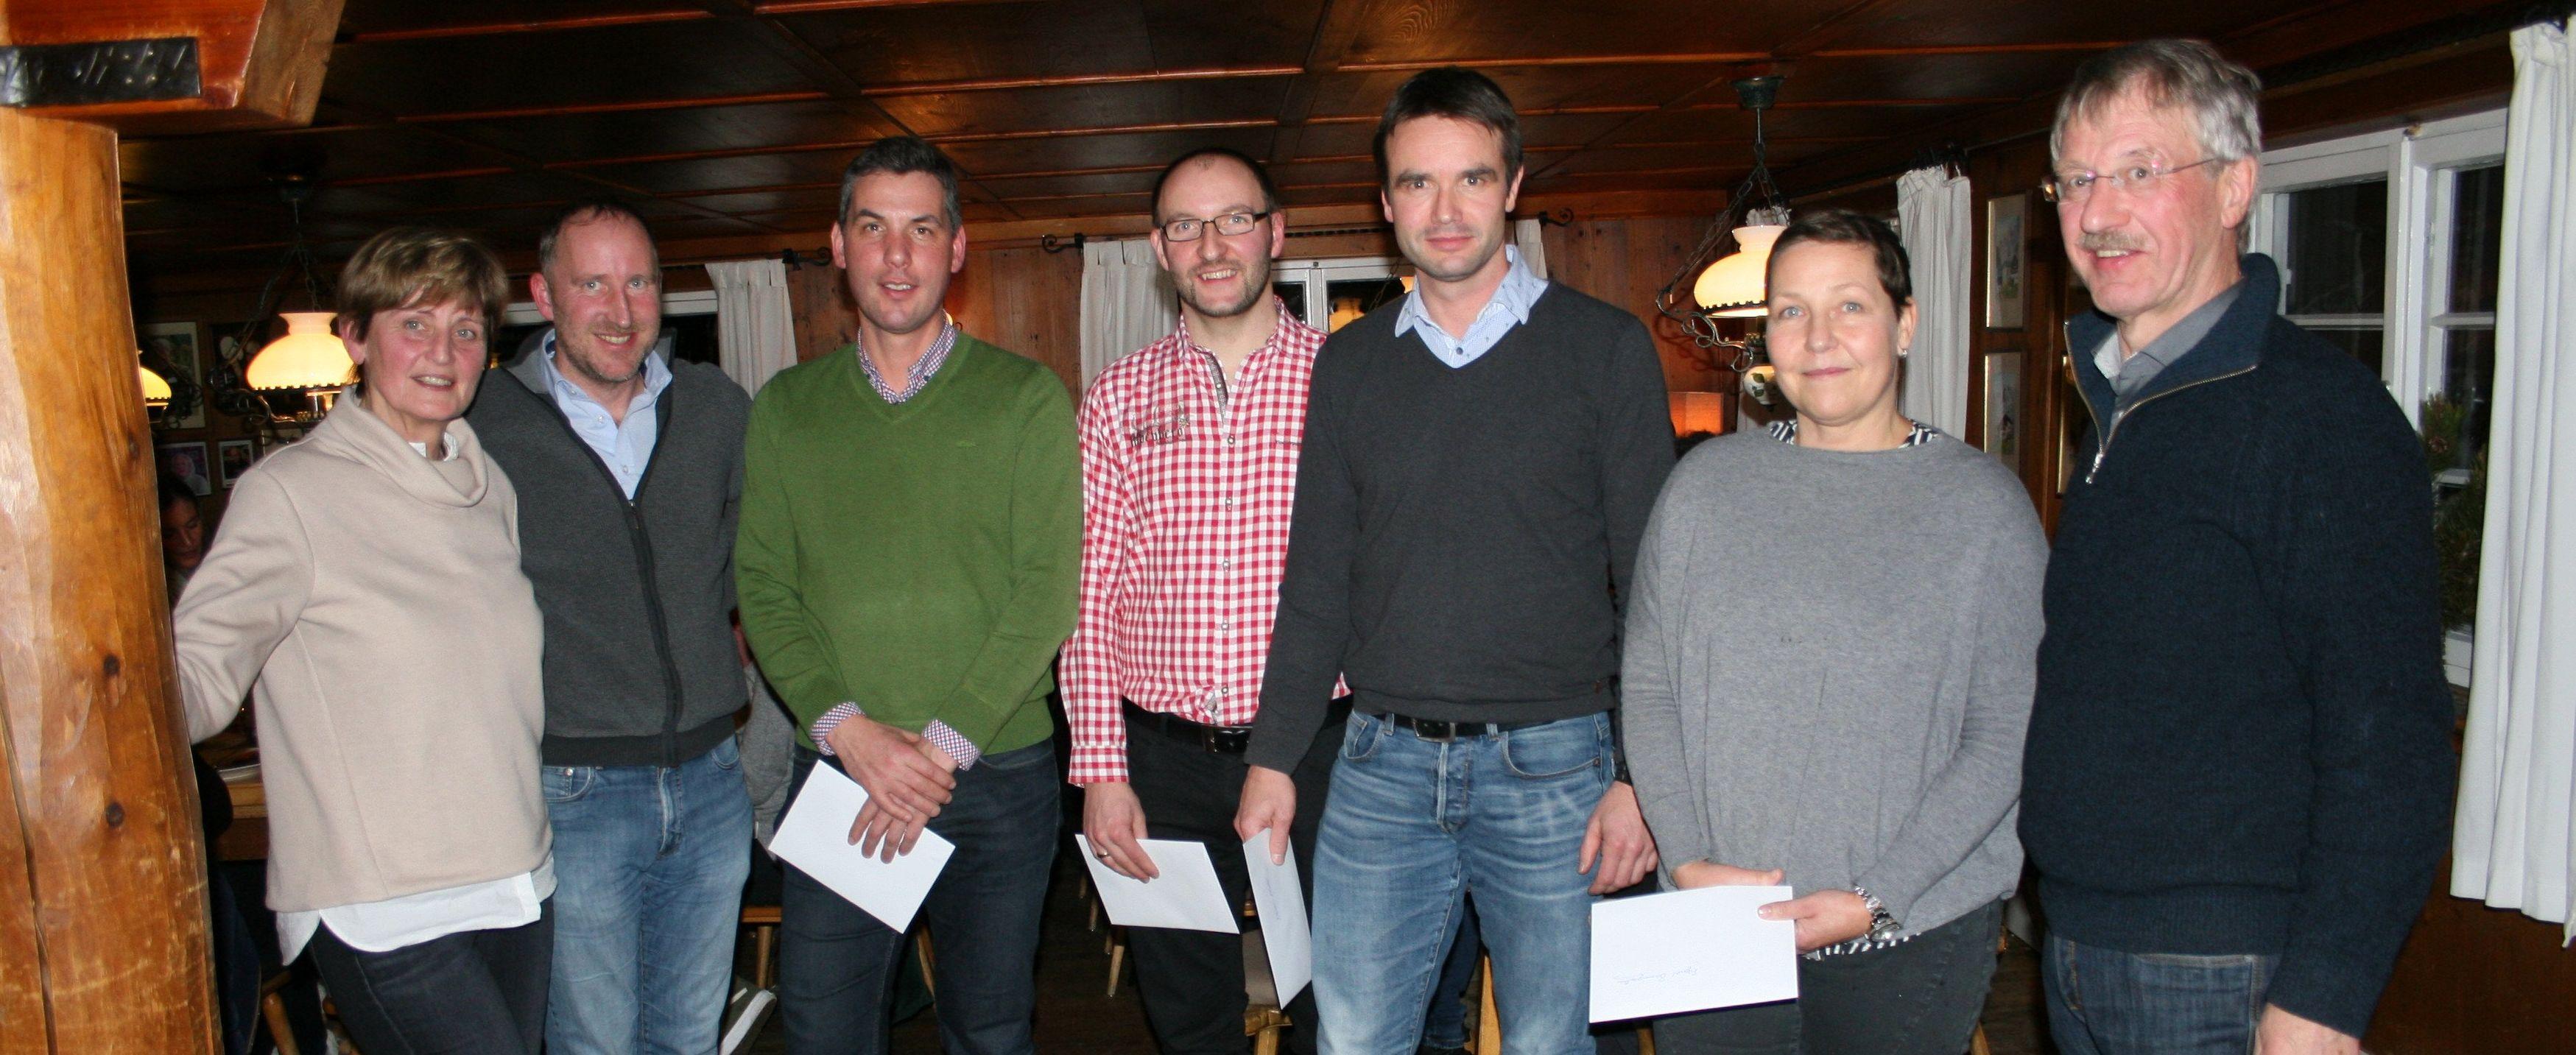 Josef Schuster dankt seinen langjährigen Mitarbeitern und überreicht ihnen Urkunden.